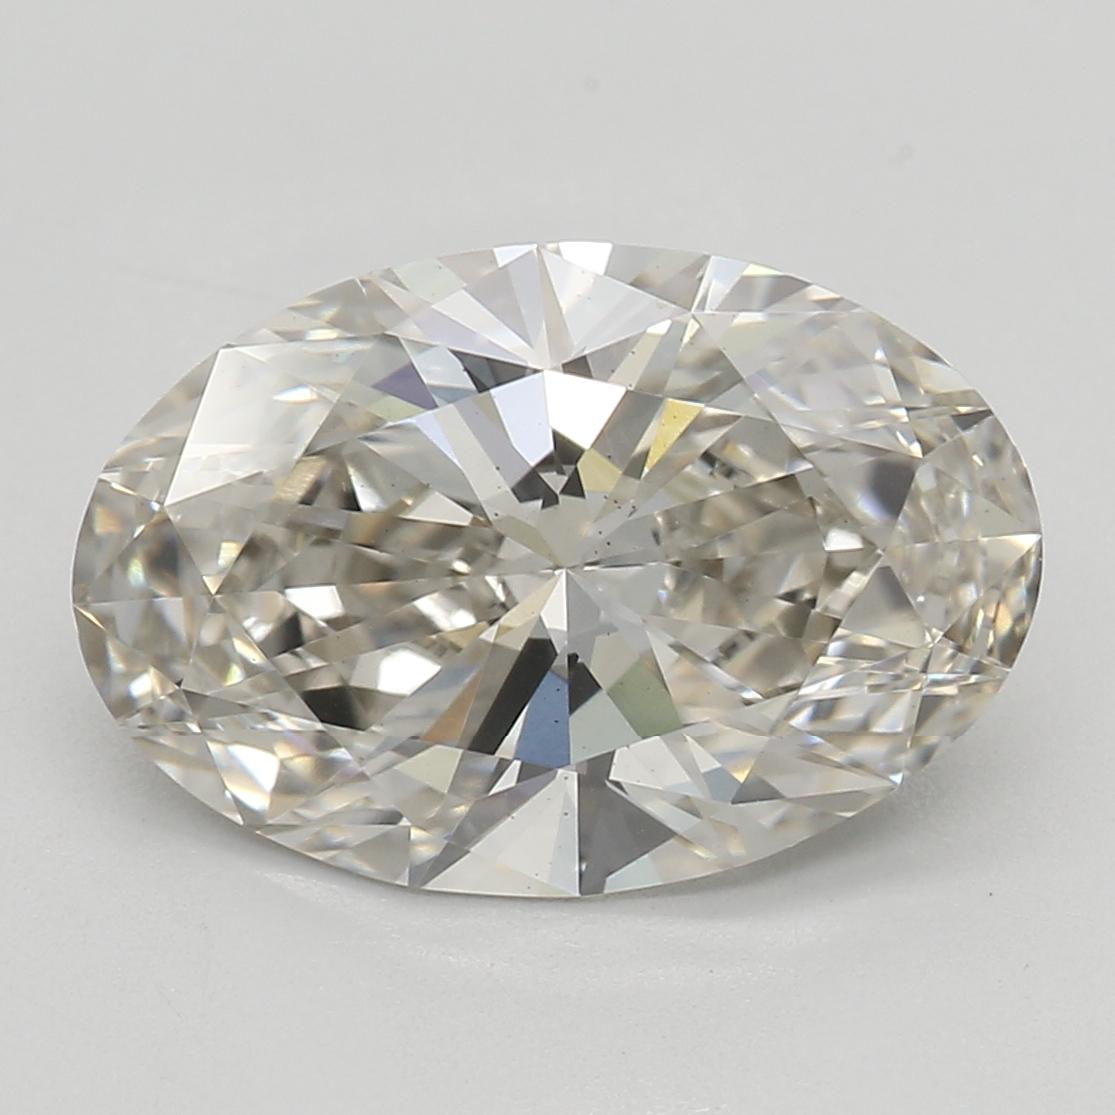 2.03 Carat J-VS2 Ideal Oval Diamond